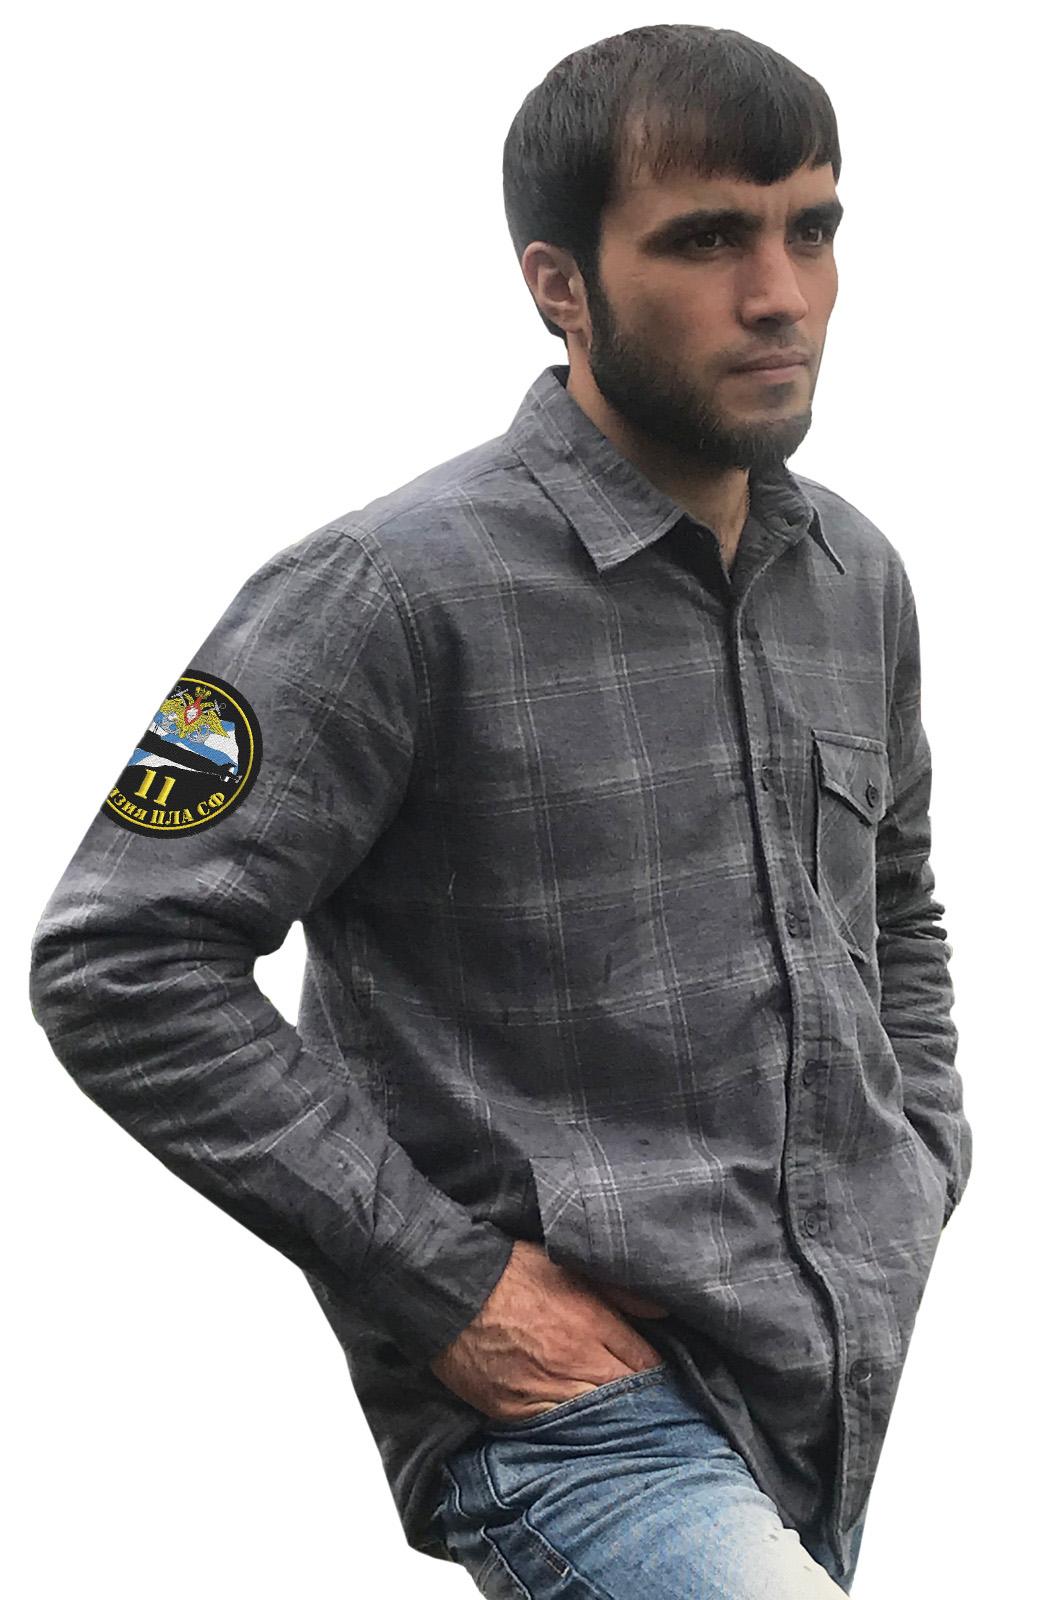 Практичная мужская рубашка с эмблемой 11-ой Дивизии ЦЛА СФ